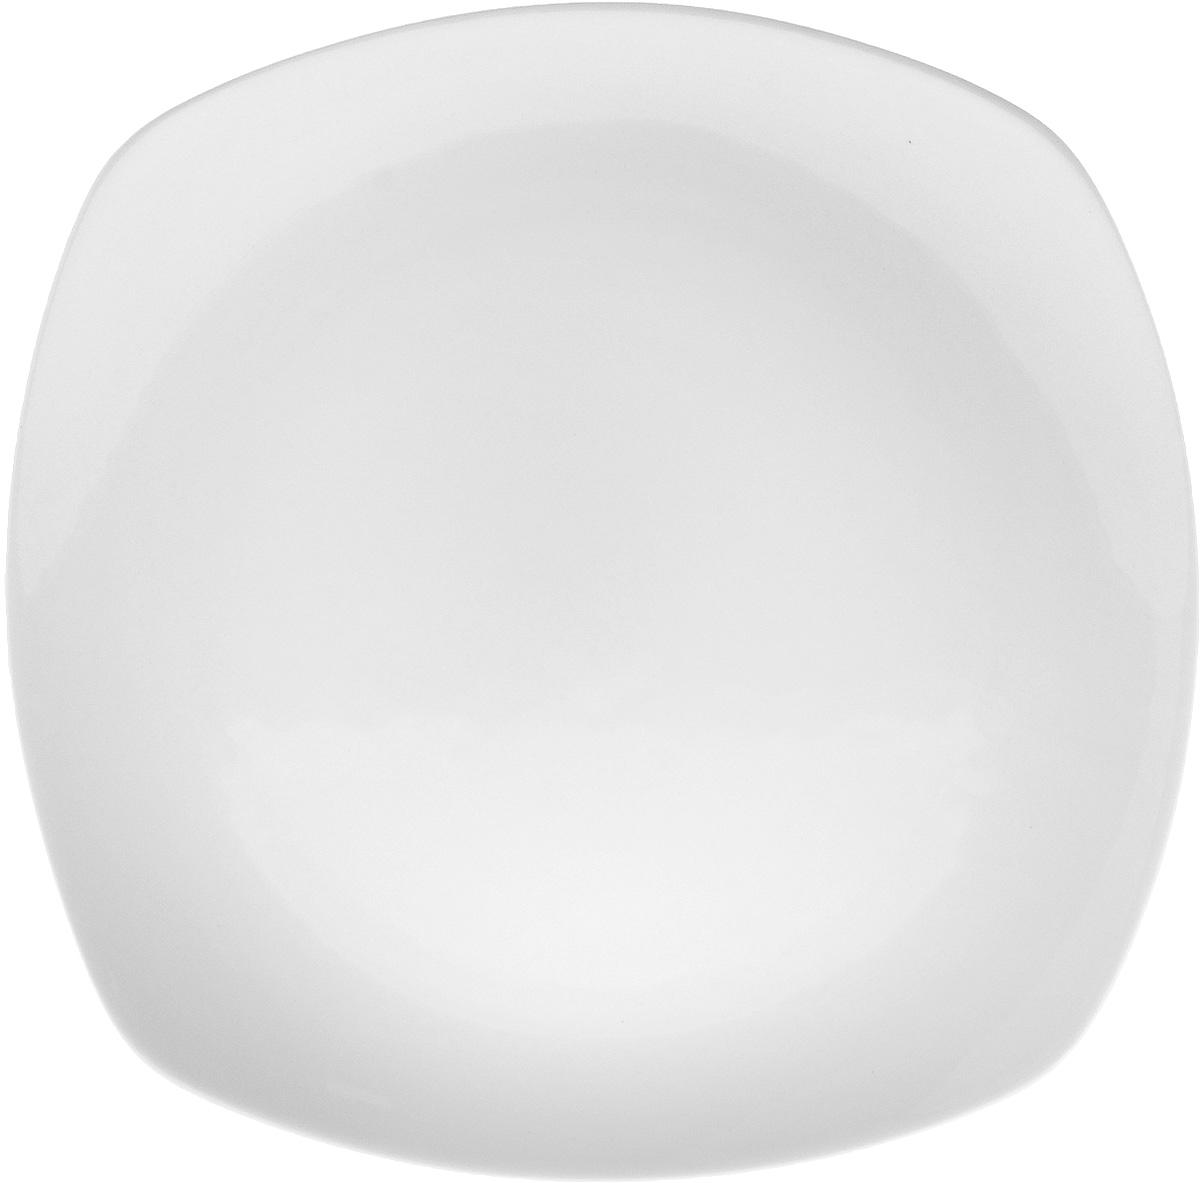 Тарелка Wilmax, 25,5 х 25,5WL-991002 / AТарелка Wilmax, изготовленная из высококачественного фарфора, имеет квадратную форму. Оригинальный дизайн придется по вкусу и ценителям классики, и тем, кто предпочитает утонченность и изысканность. Тарелка Wilmax идеально подойдет для сервировки стола и станет отличным подарком к любому празднику.Размер тарелки: 25,5 х 25,5